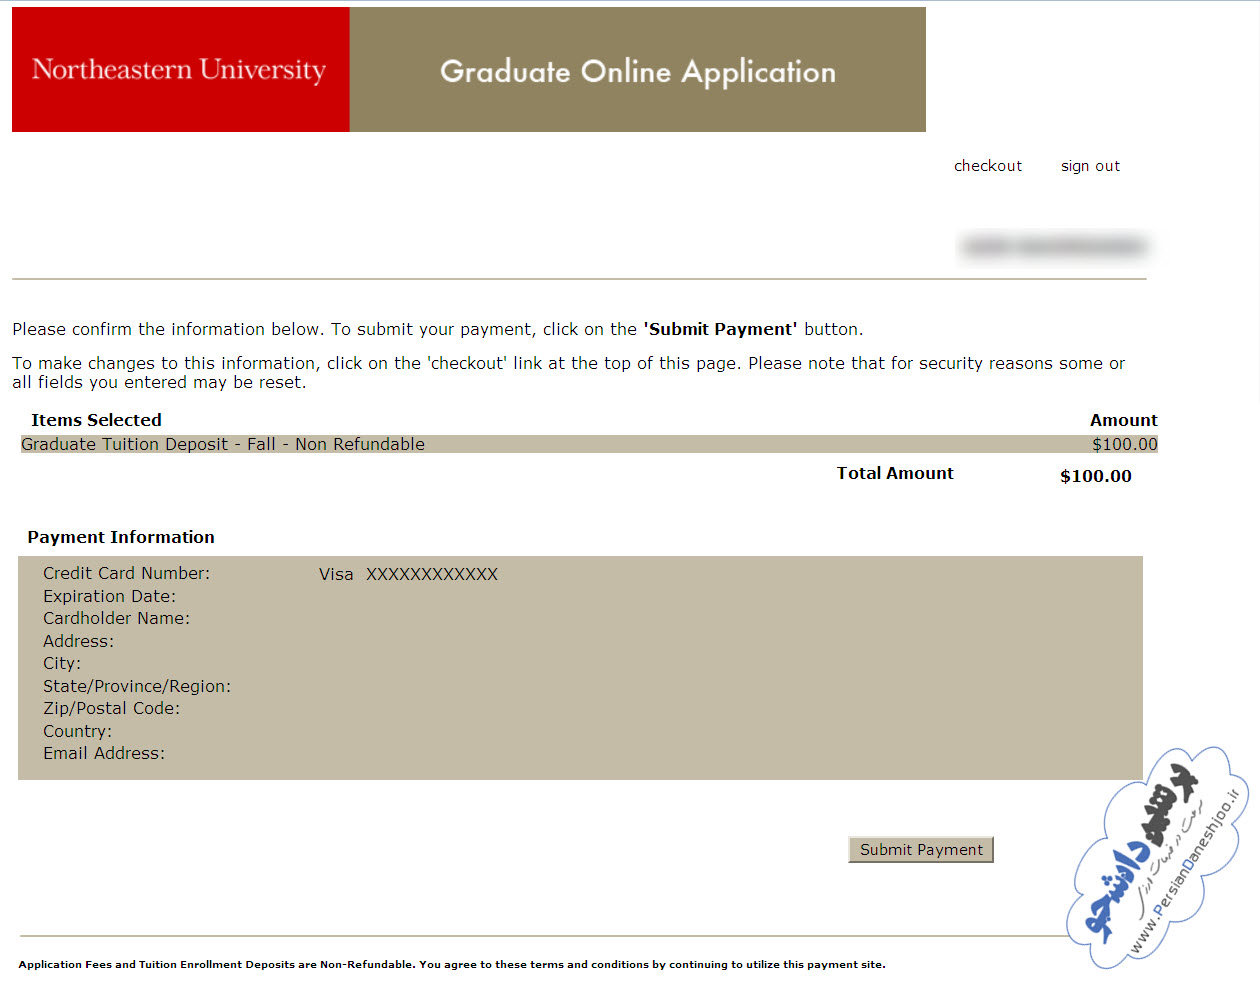 راهنمای پرداخت هزینه دیپازیت فی دانشگاه ها (Admission Fee/Deposit Fee)